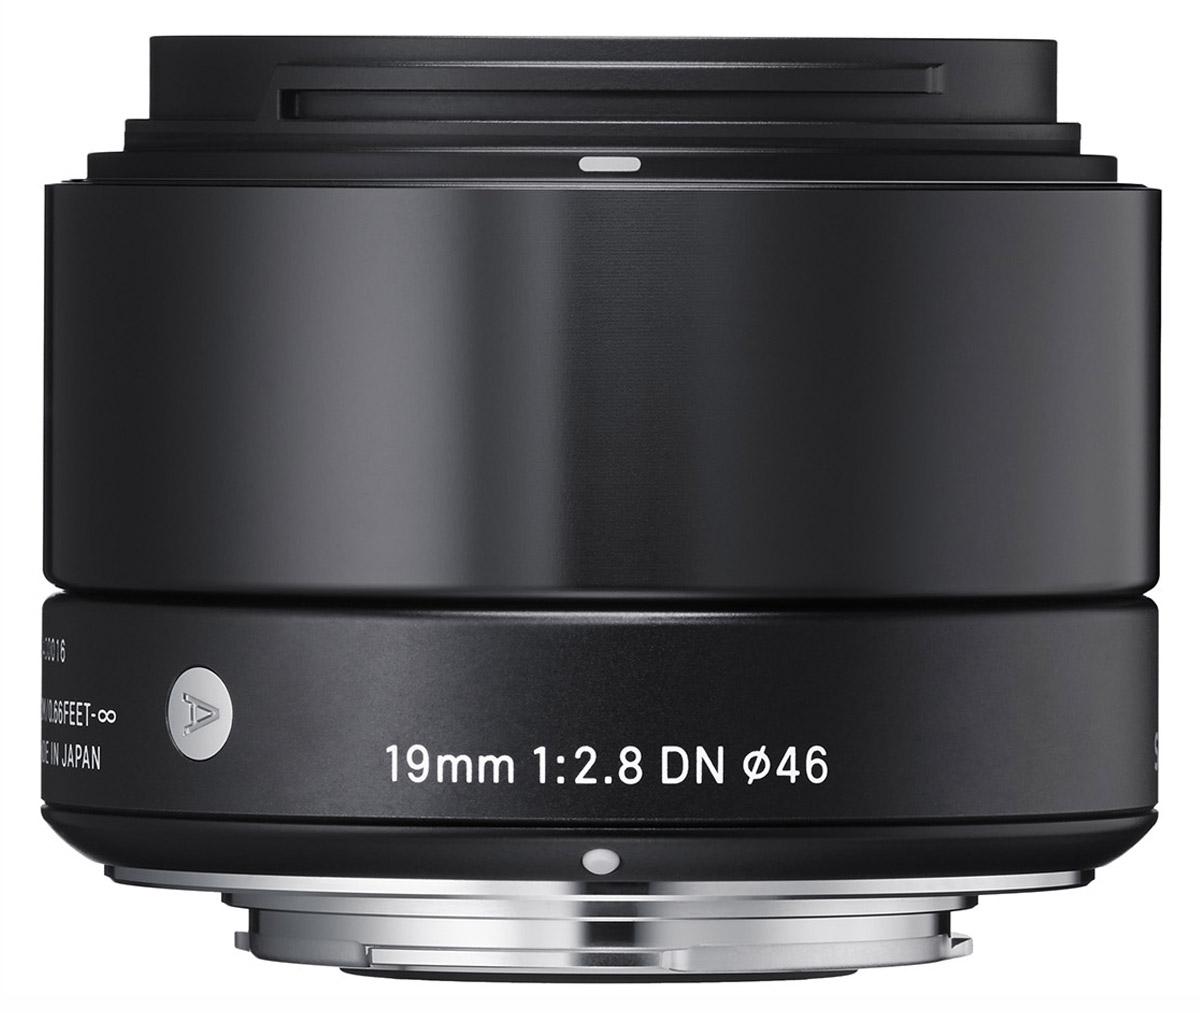 Sigma AF 19mm f/2.8 DN/A, Black широкоугольный объектив для Micro 4/340B963Sigma AF 19mm f/2.8 DN/A - широкоугольный объектив, созданный с применением передовых оптических технологий для любых сюжетов, особенно для съемки пейзажей и в помещениях. Легкая и компактная конструкция объектива имеет длину 45,7 мм и прекрасно сочетается с габаритами беззеркальных фотоаппаратов. Обладая широким углом обзора объектив очень удобен для фотосъемки в помещениях, а также повседневной фотографии. Кроме этого, значительно улучшена функциональность. Простая форма кольца фокусировки, различие текстур каждой части, использование металла как основного материала и цельный корпус – все это составляющие дизайна Sigma AF 19mm f/2.8 DN/A. Использование трех высококачественных литых асферических элементов обеспечивает превосходное исправление искажений и других видов аберрации. Система внутренней фокусировки корректирует колебания для поддержания качества изображения независимо от положения фокуса. Закругленная 7-лепестковая диафрагма...